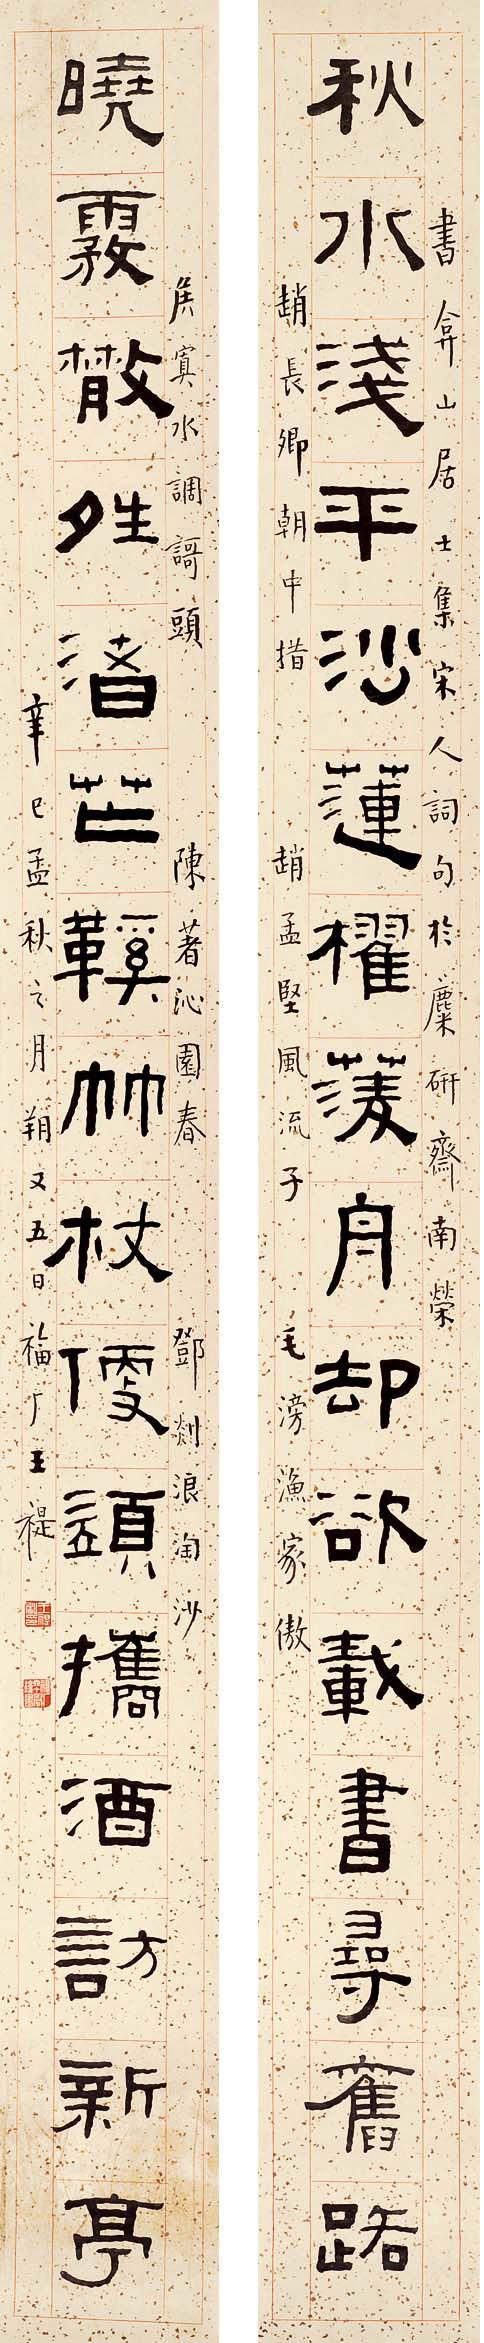 篆书十六字联